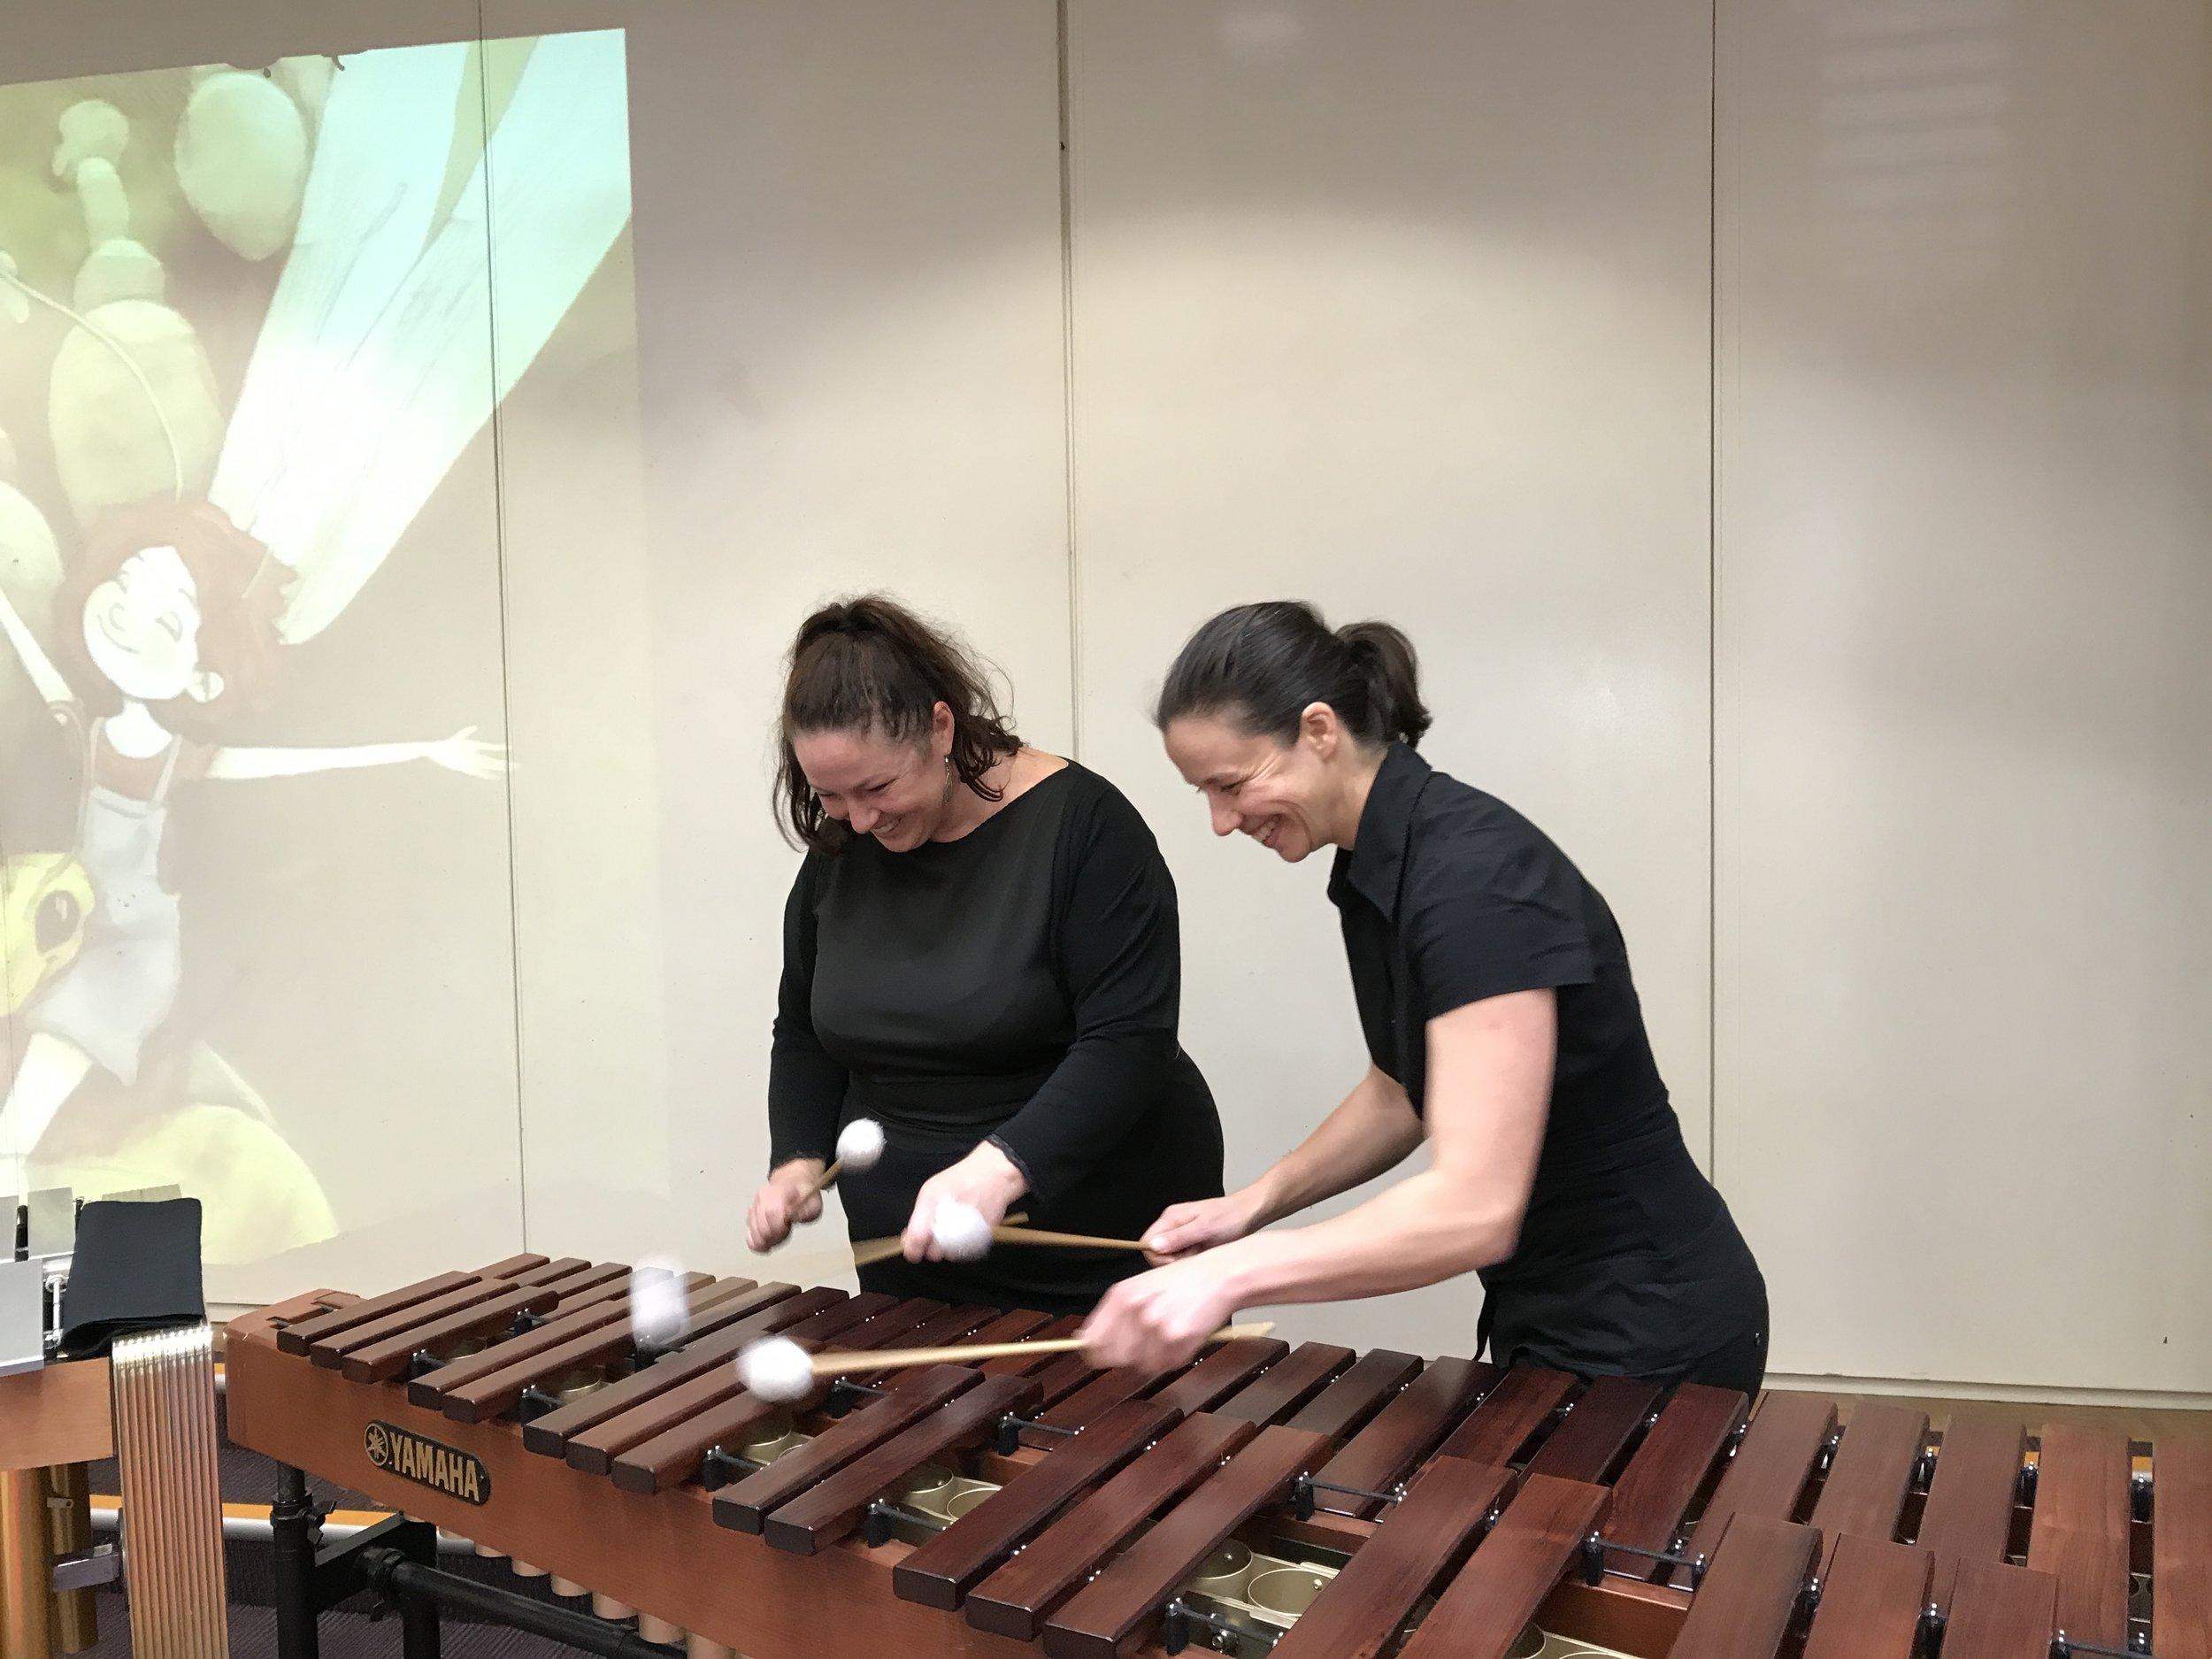 Amy Arwen with Marimba.JPG